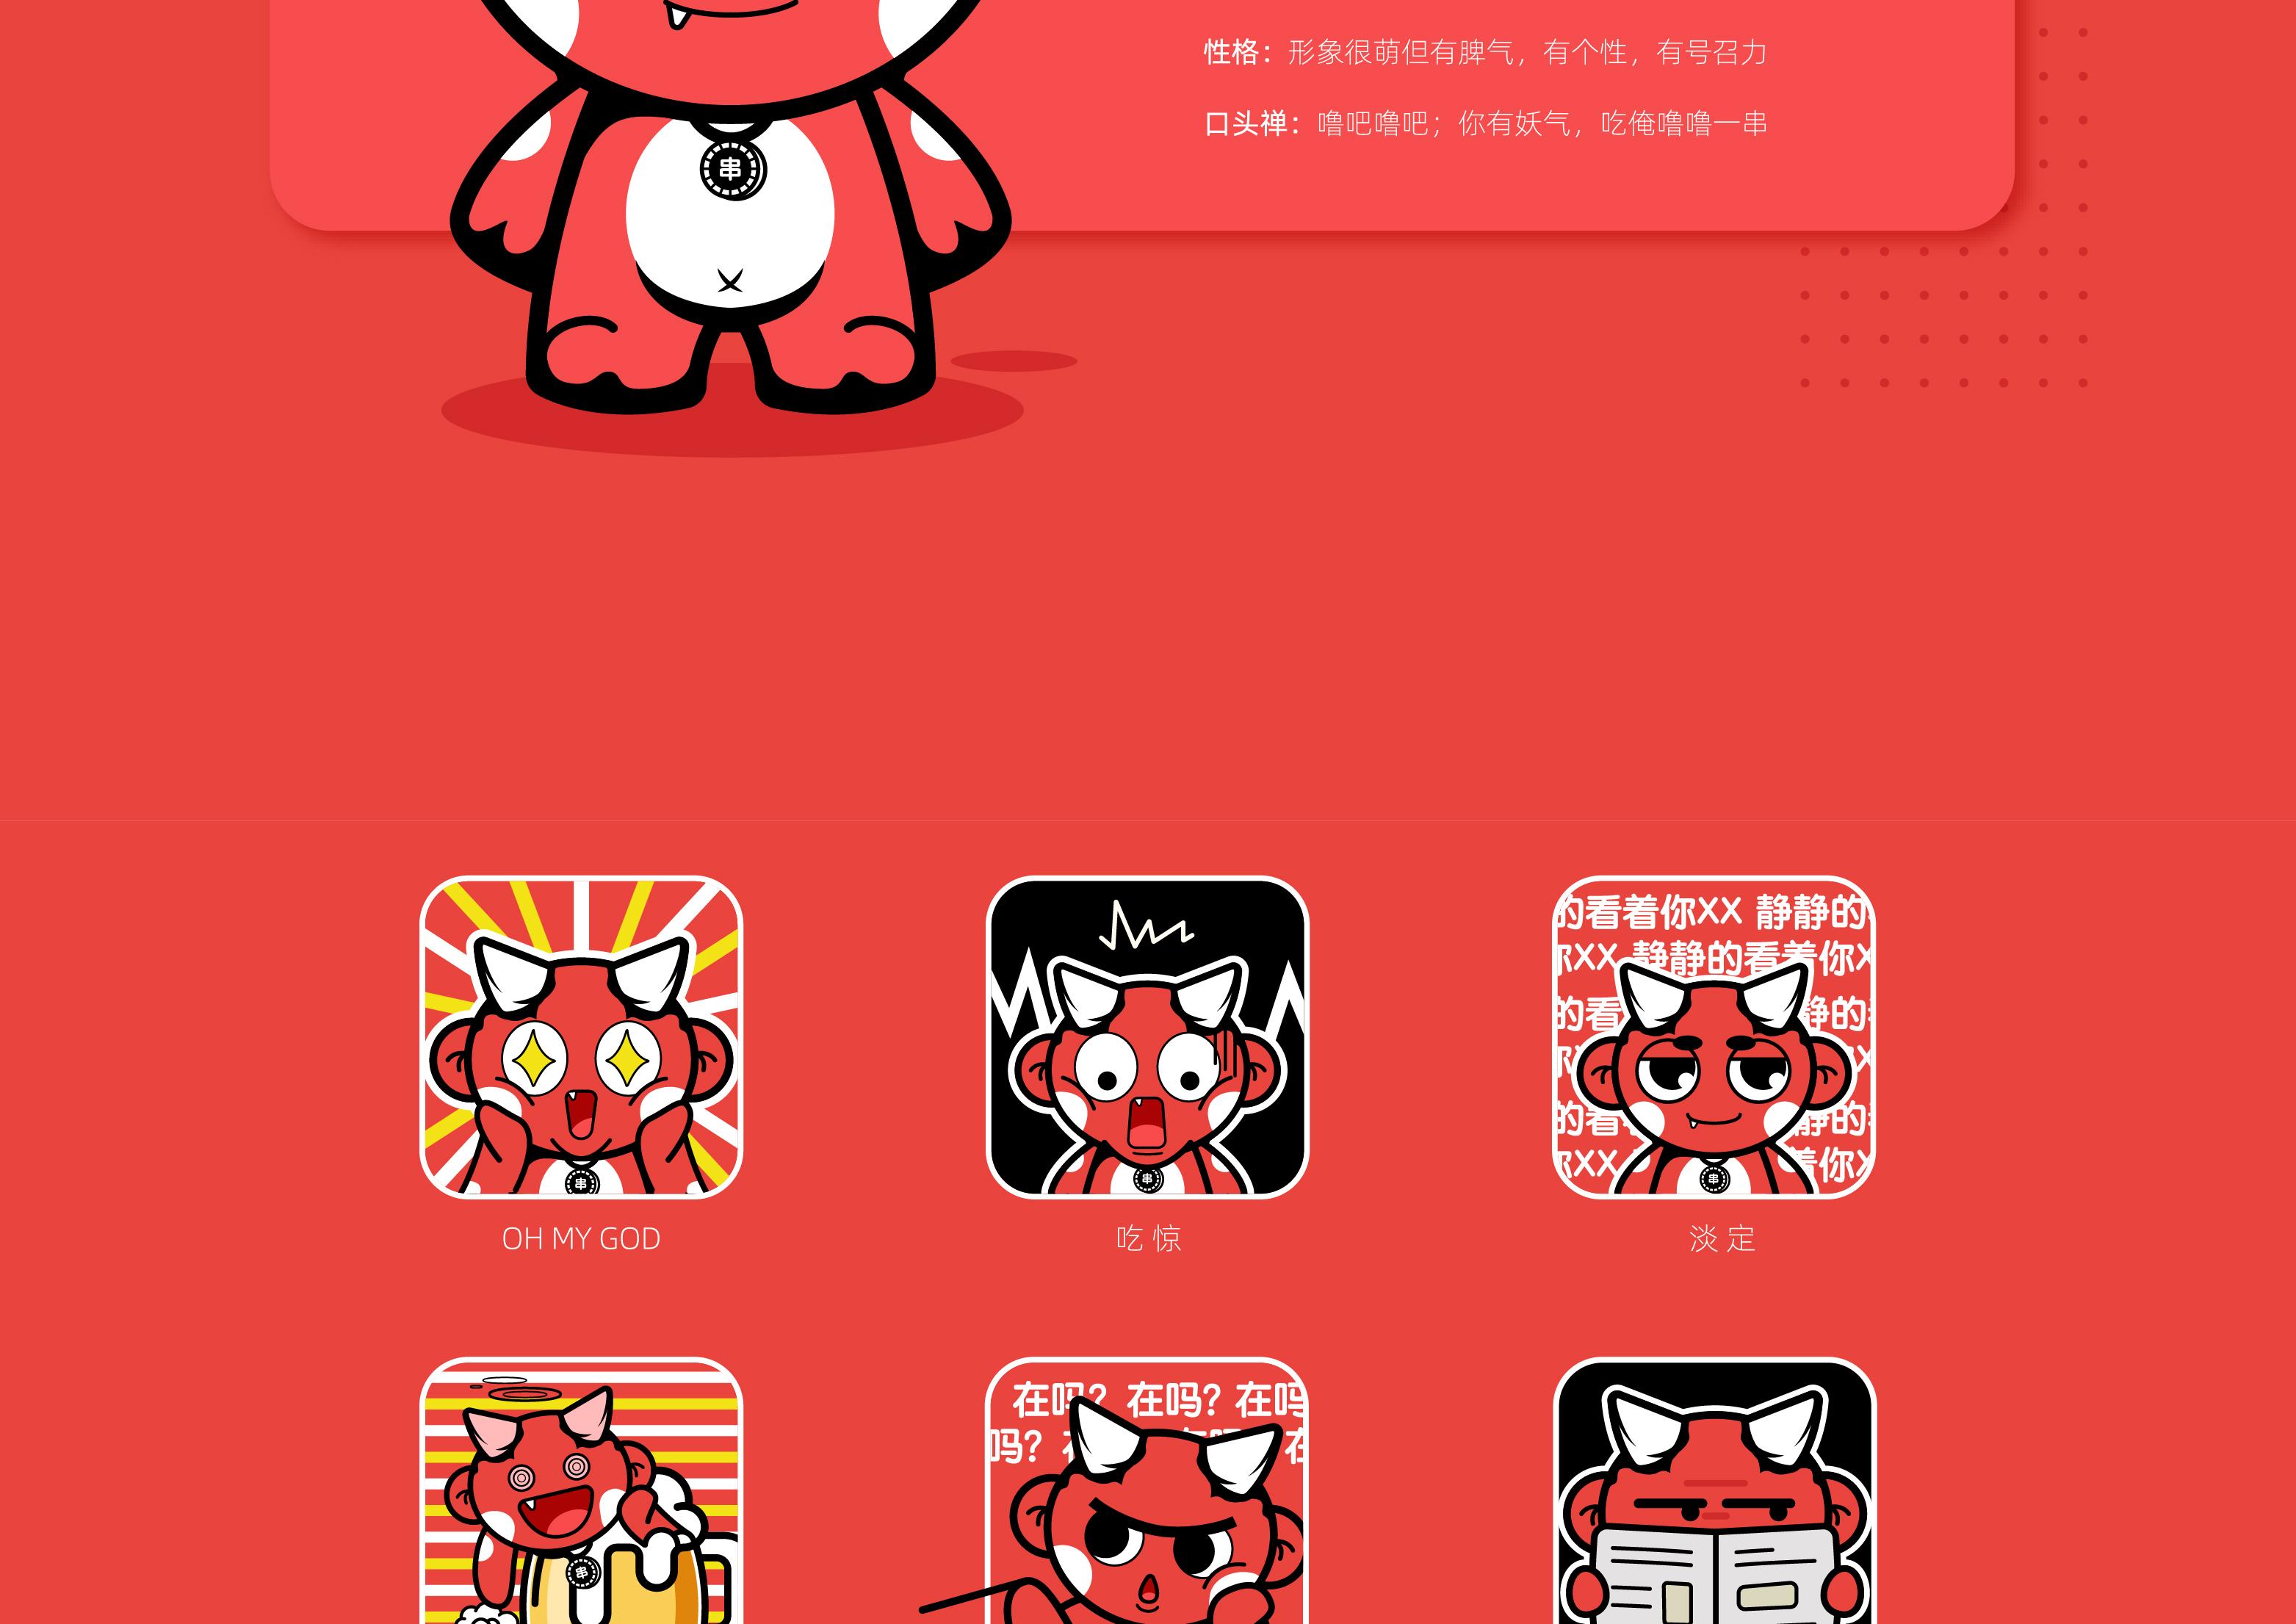 擼小妖吉祥物IP設計